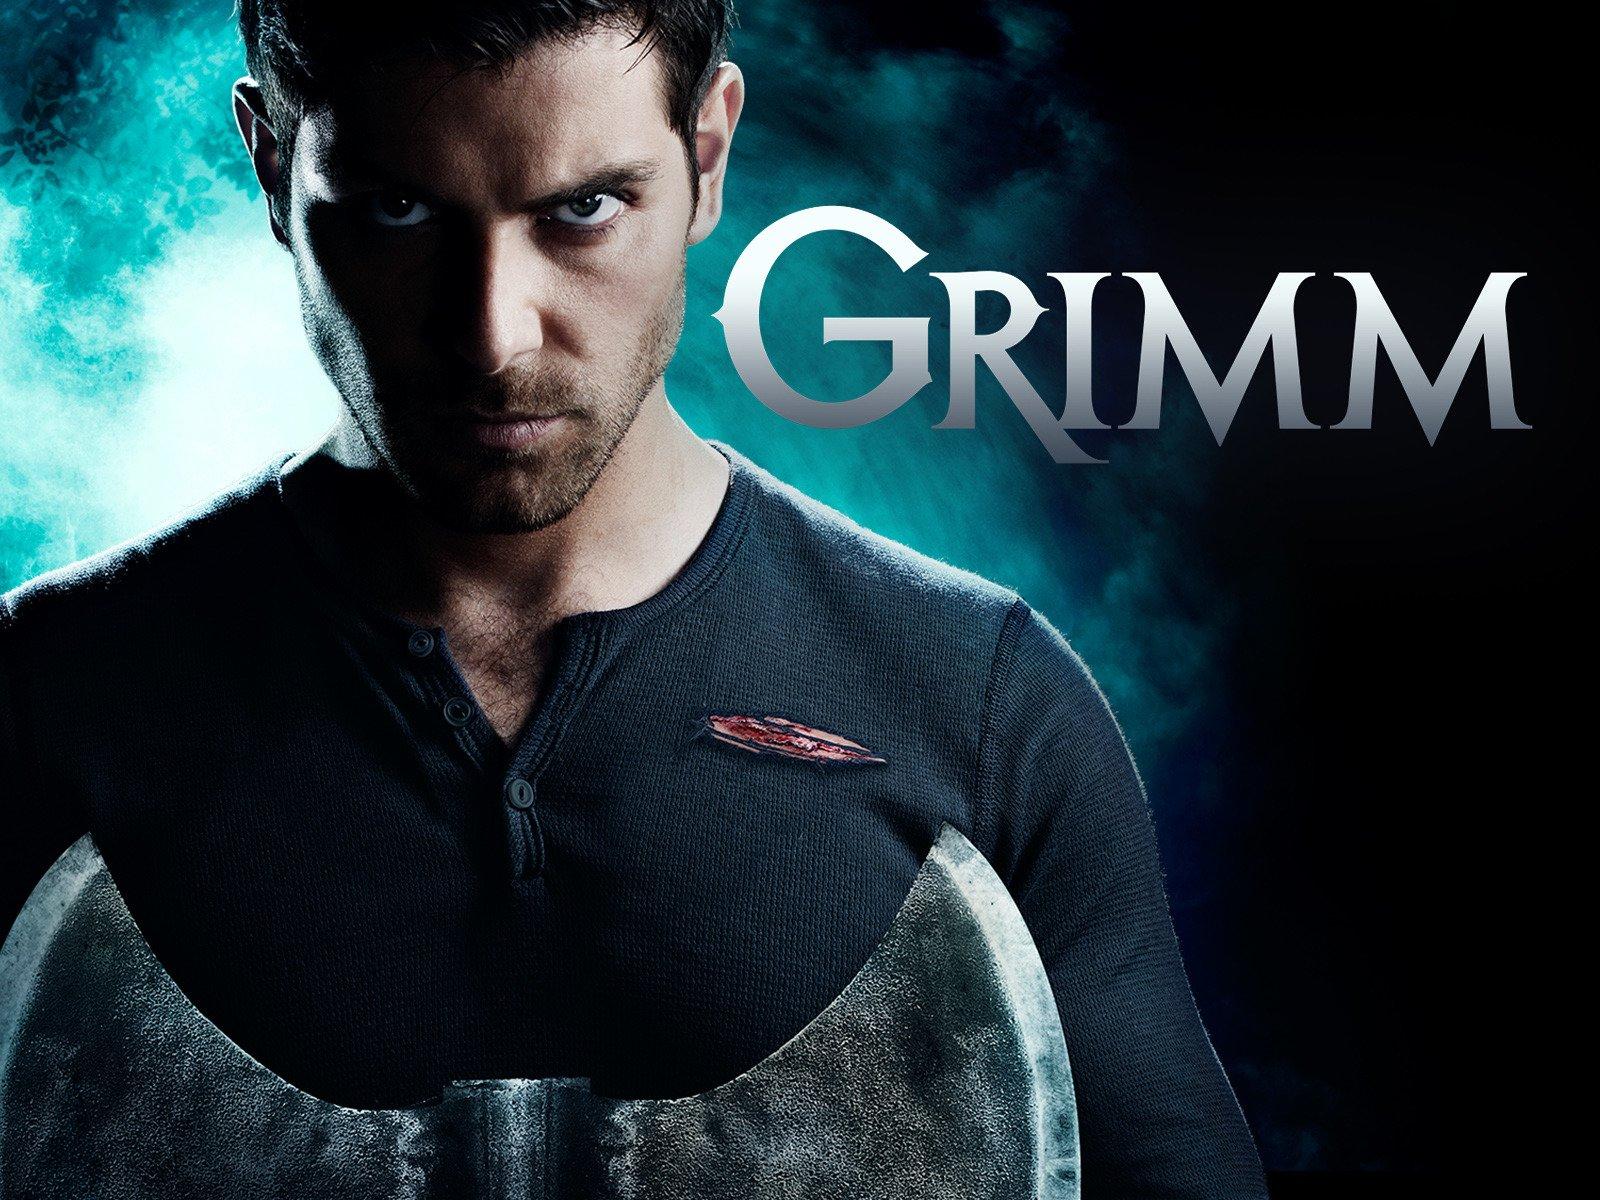 Grimm Season 3 - Season 3